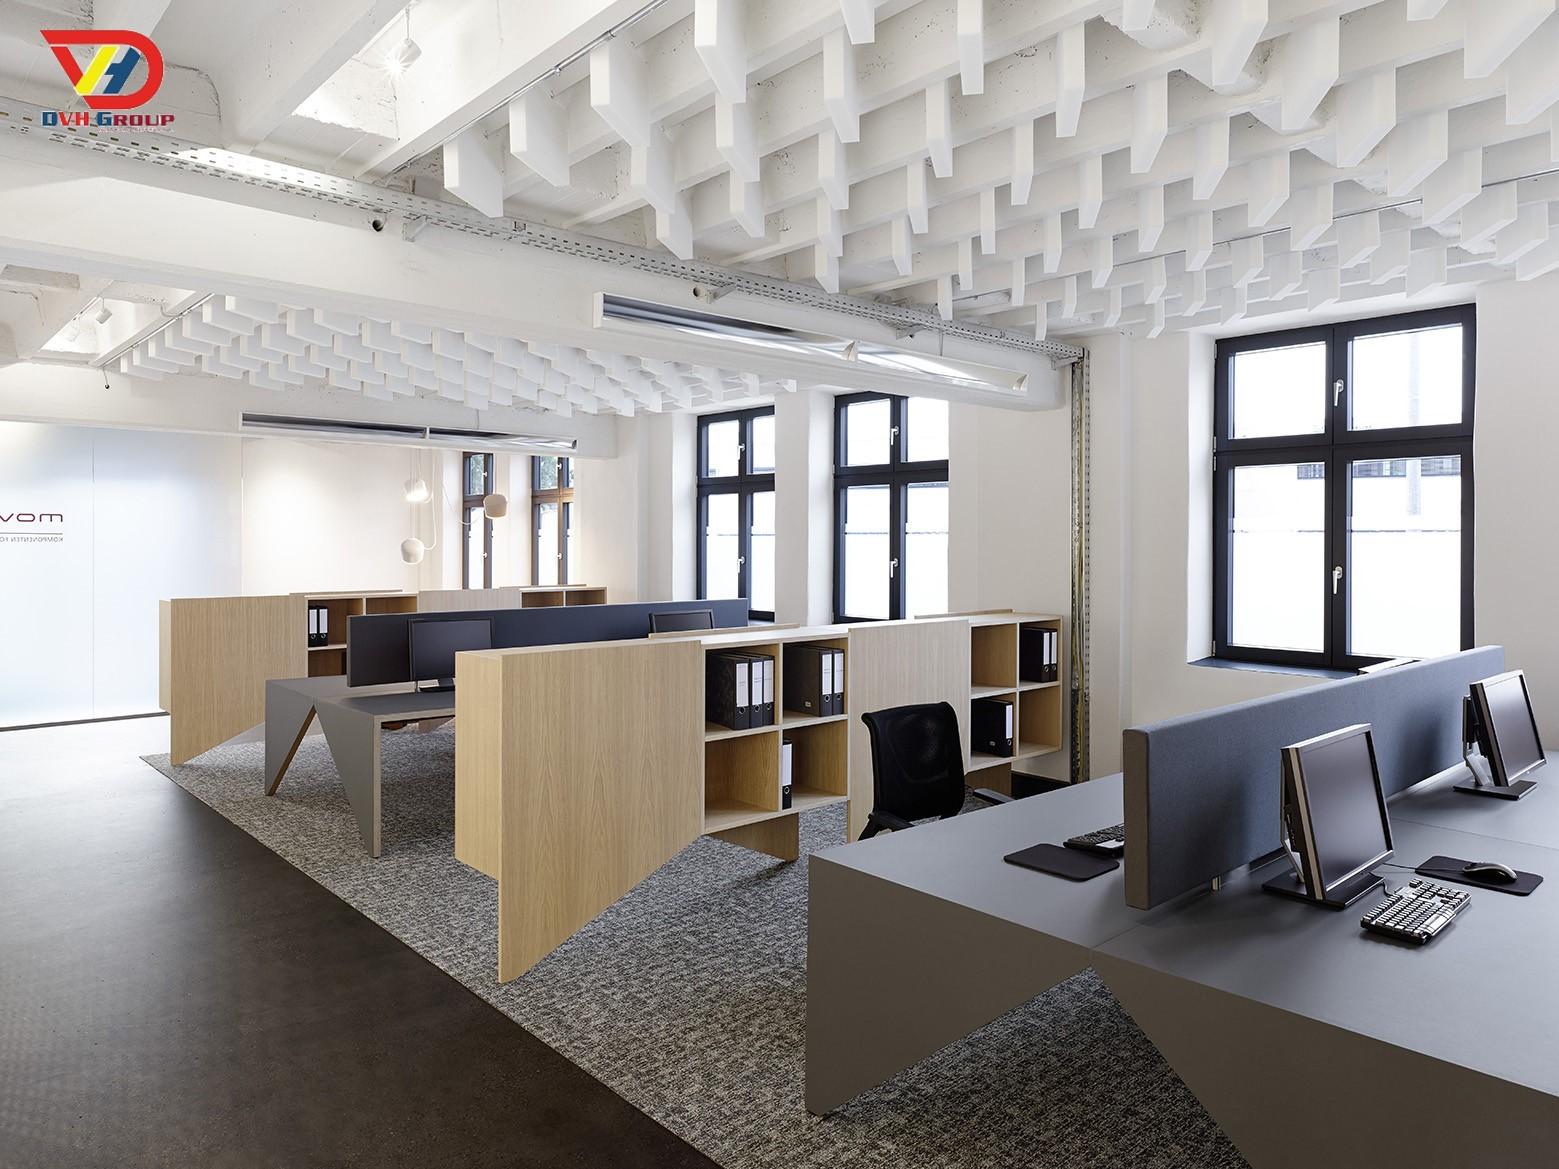 Thiết kế văn phòng theo phong thuỷ - Nội thất văn phòng tại Đồng Nai